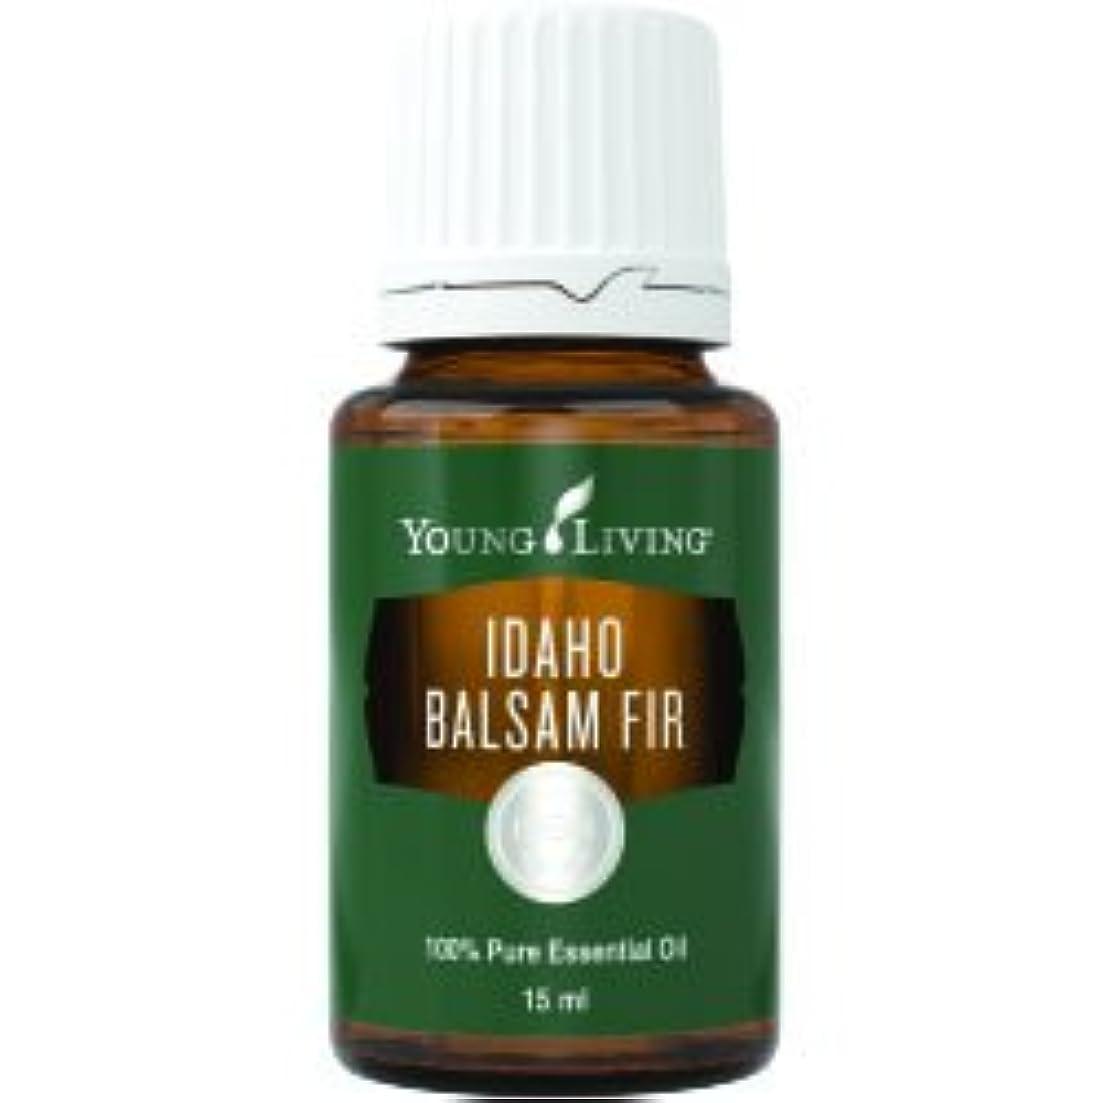 パンサー彼らのインキュバスアイダホバルサムモミエッセンシャルオイル15ml by Young Livingエッセンシャルオイルマレーシア Idaho Balsam Fir Essential Oil 15ml by Young Living Essential...